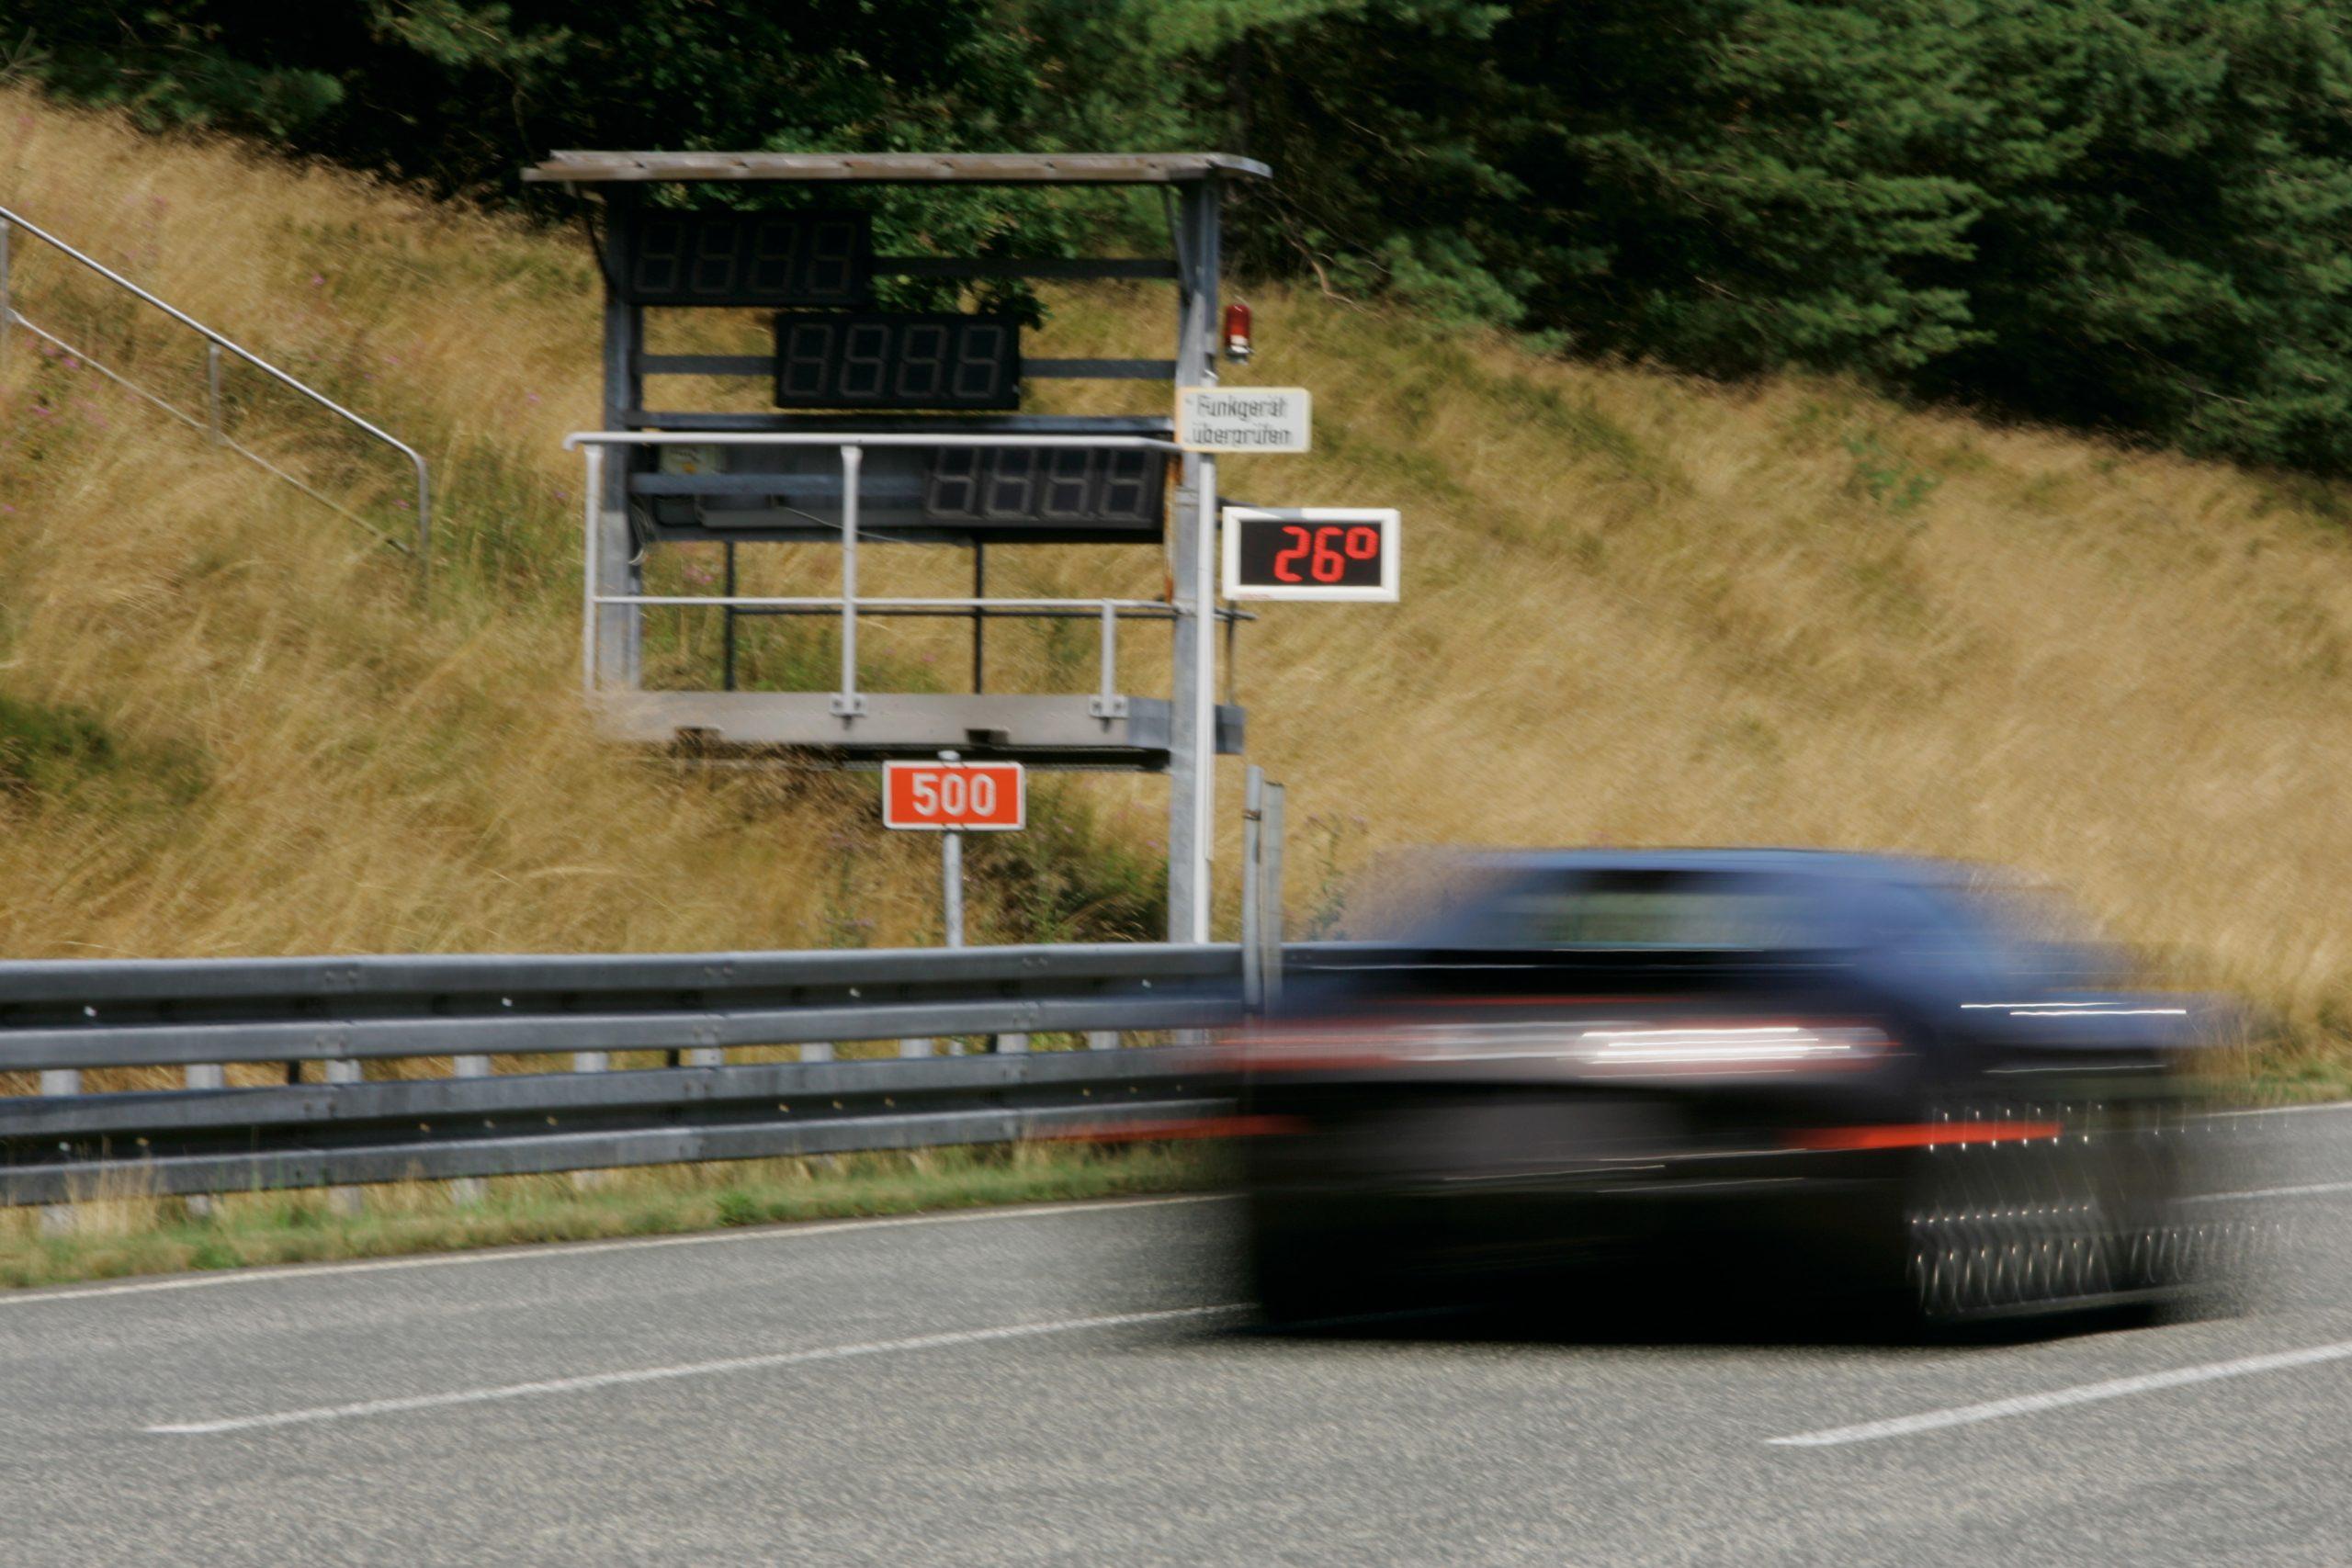 Bugatti Veyron 250 mph blur